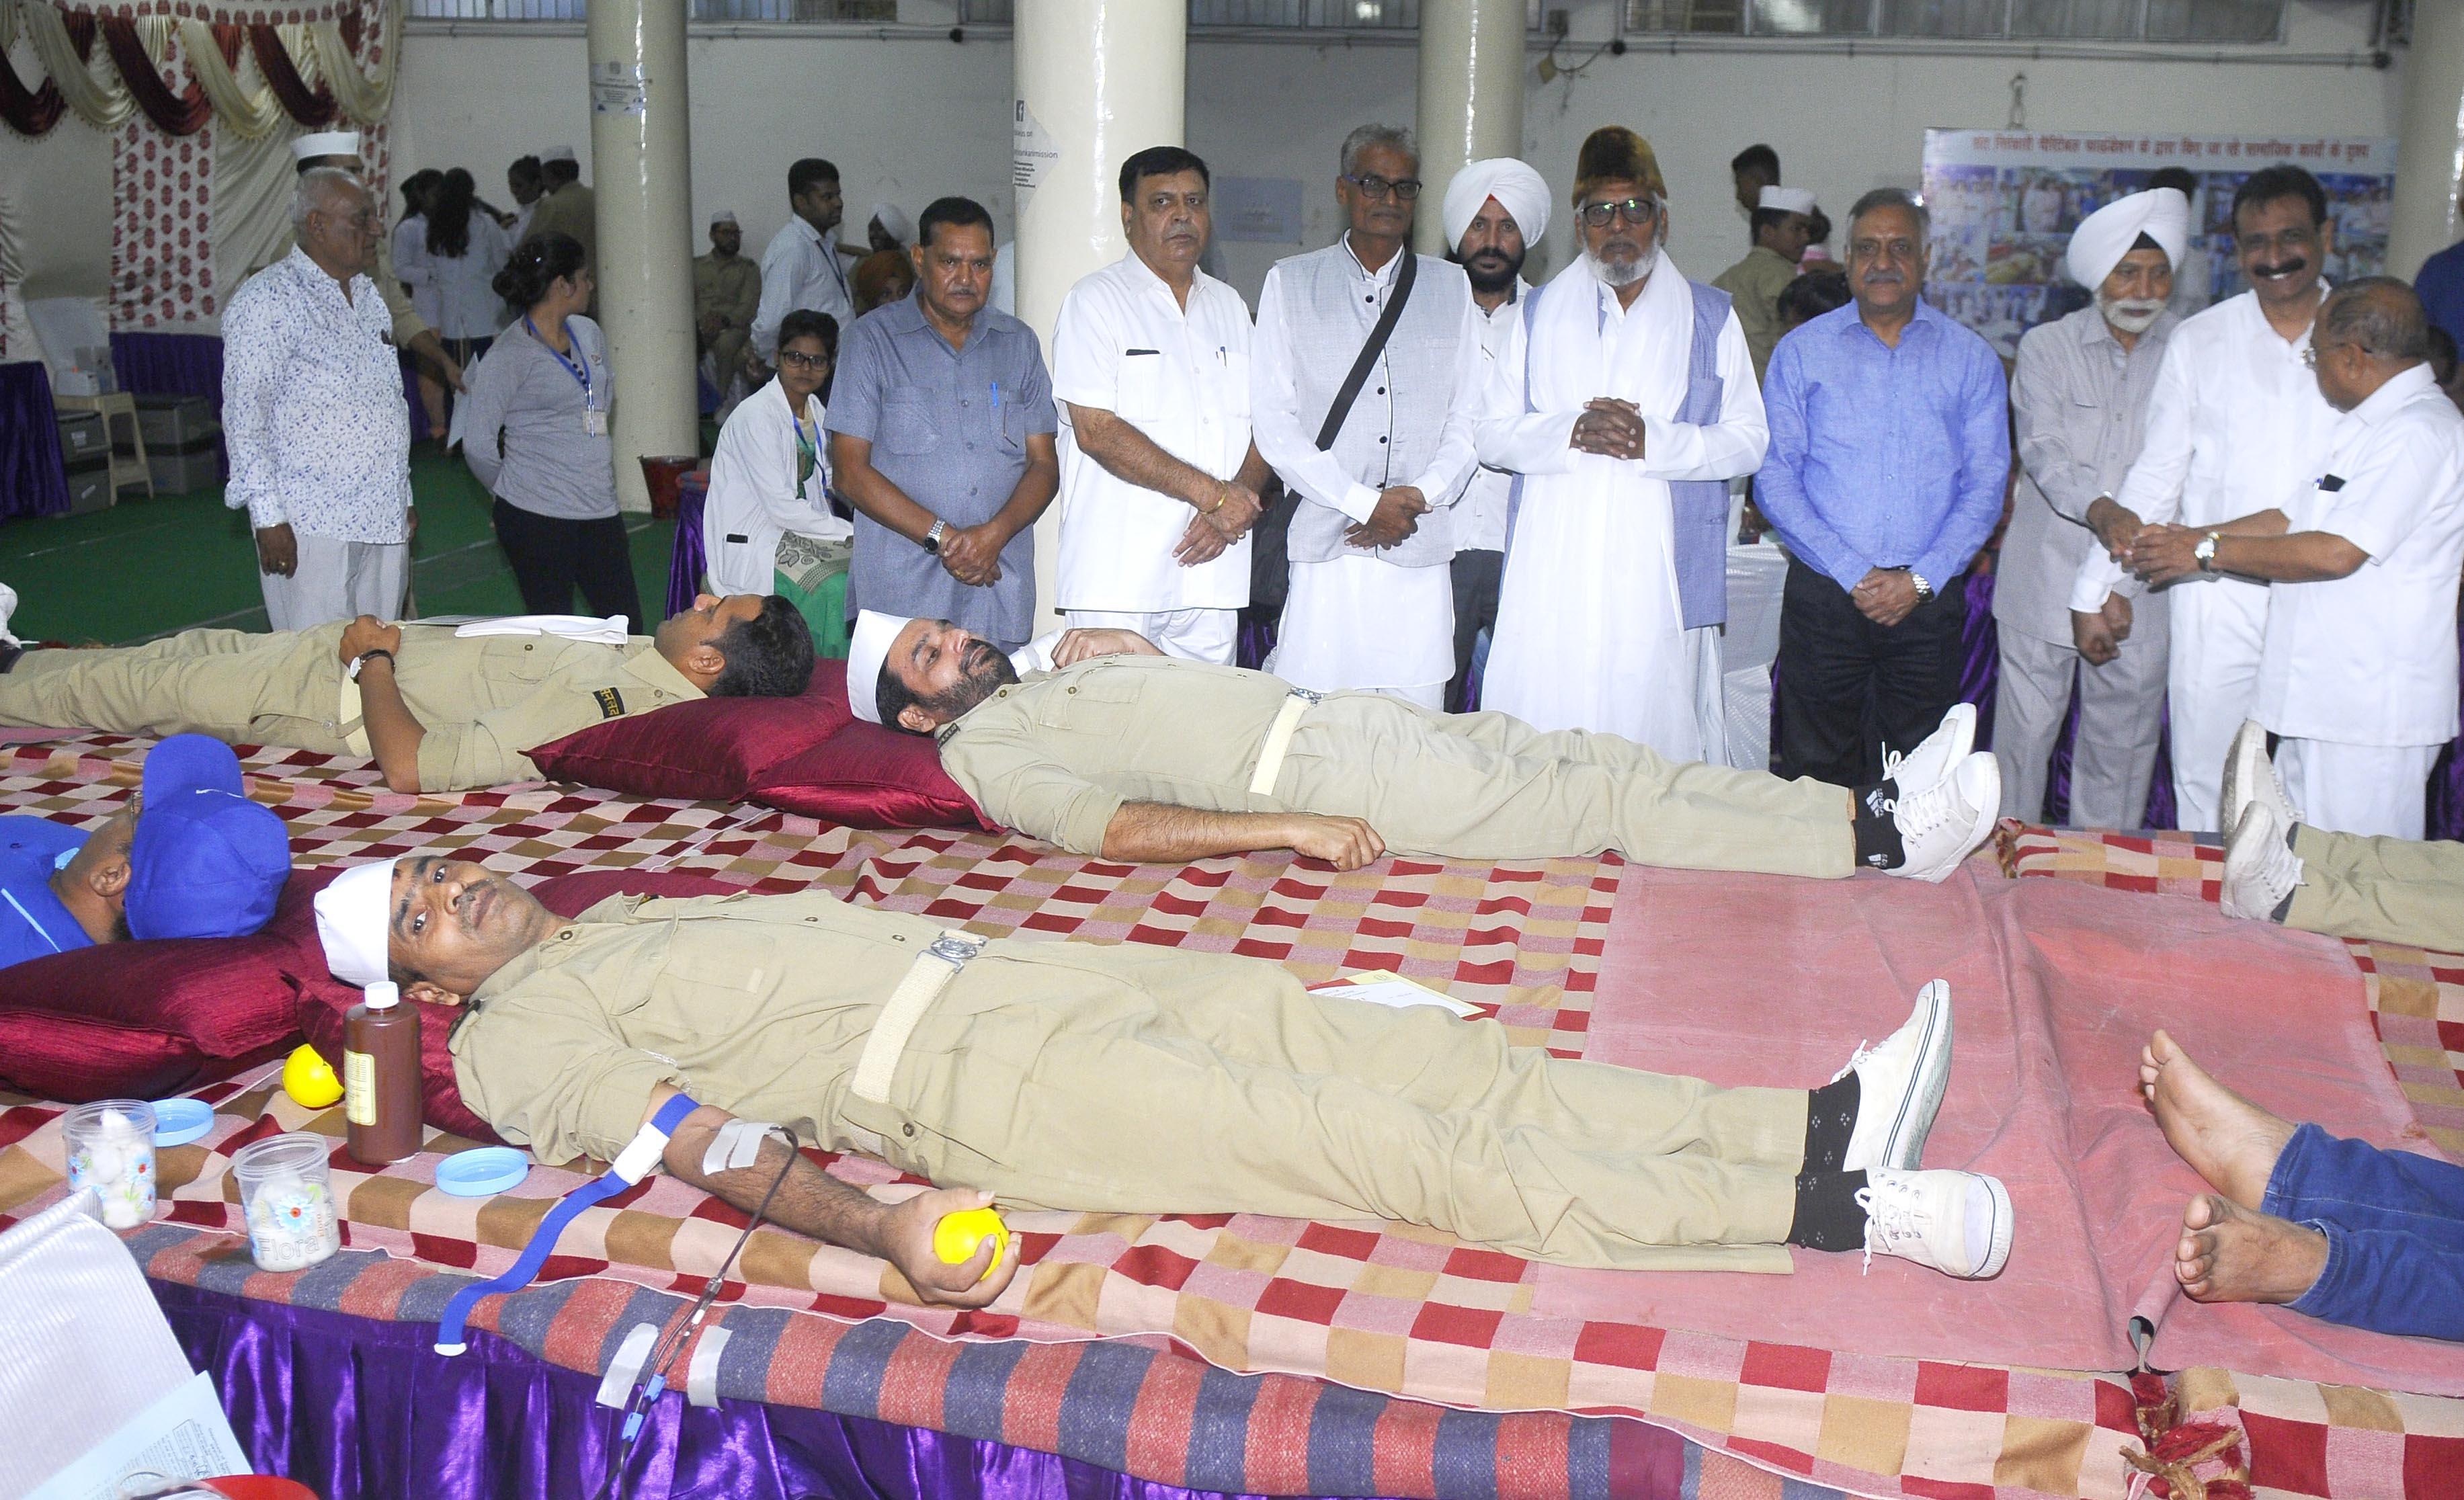 216 Nirankari devotees